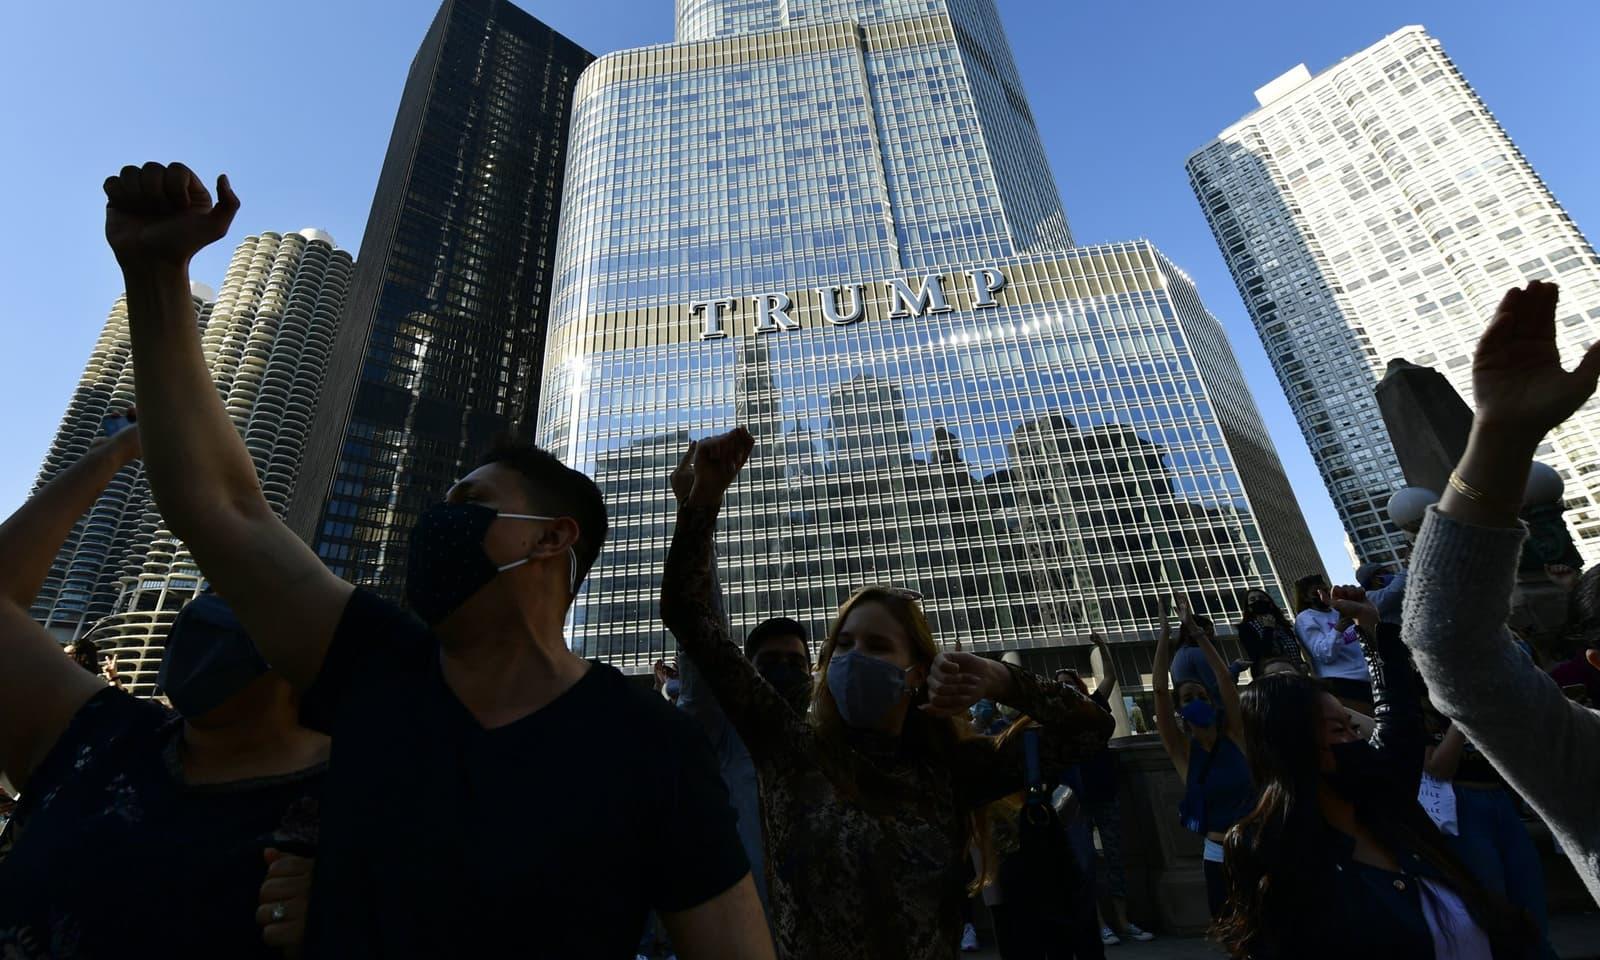 ٹرمپ ٹاور کے باہر بھی عوام کی ایک بڑی تعداد نے جو بائیڈن کی فتح کا جشن منایا — فوٹو:اے پی